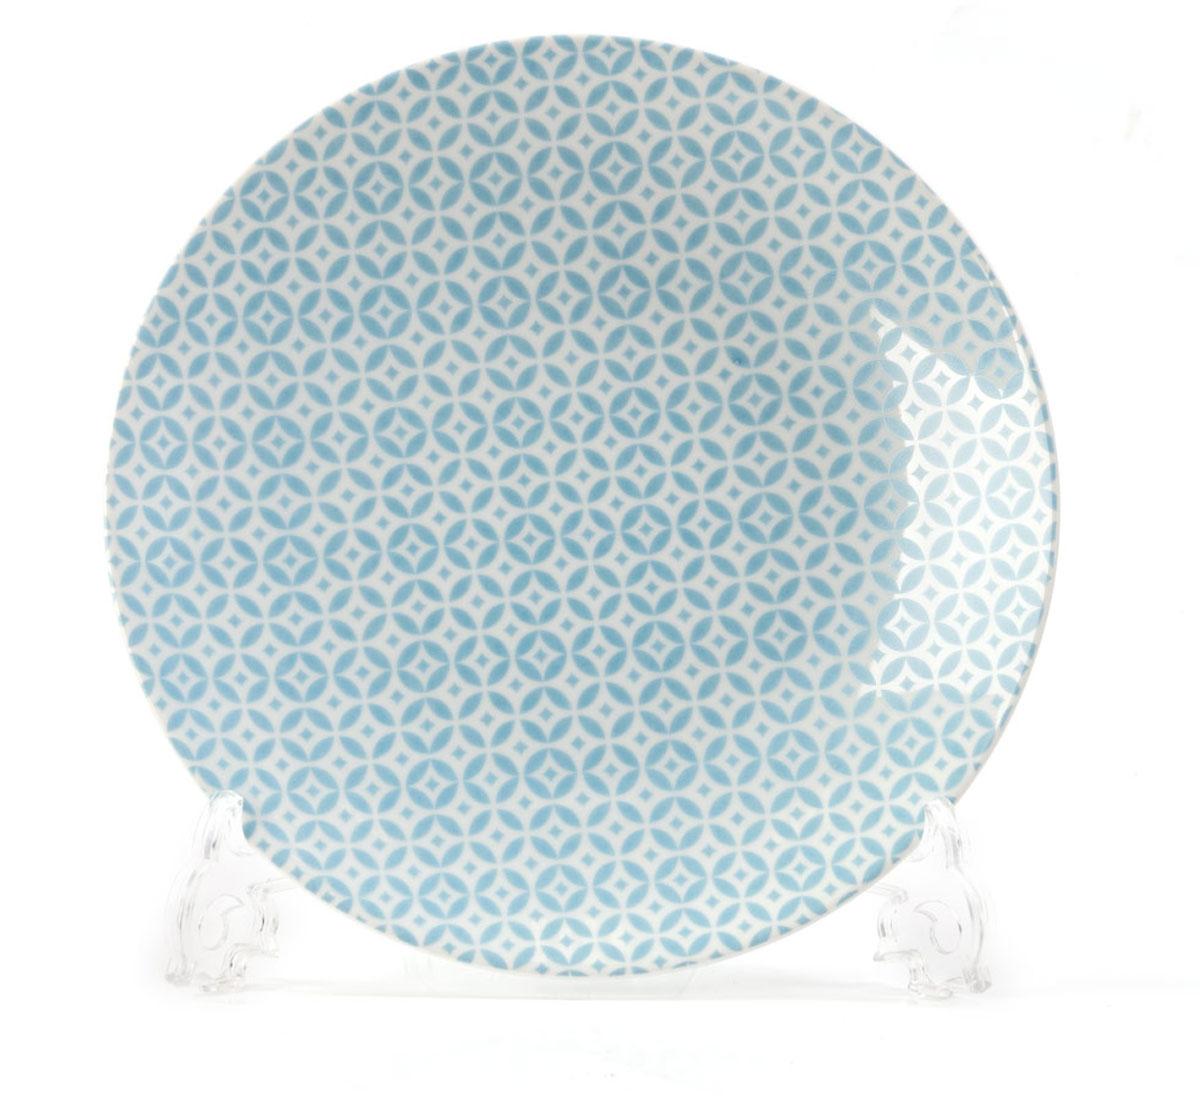 Тарелка La Rose des Sables Витон, цвет: голубой, белый, диаметр 21 см720121 2303Тарелка La Rose des Sables Витон выполнена из высококачественного тунисского фарфора, изготовленного из уникальной белой глины. На всех изделиях La Rose des Sables можно увидеть маркировку Pate de Limoges. Это означает, что сырье для изготовления фарфора добывают во французской провинции Лимож, и качество соответствует высоким европейским стандартам. Все производство расположено в Тунисе. Особые свойства этой глины, открытые еще в 18 веке, позволяют создать удивительно тонкую, легкую и при этом прочную посуду. Благодаря двойному термическому обжигу фарфор обладает высокой ударопрочностью, стойкостью к сколам и трещинам, жаропрочностью и великолепным блеском глазури. Коллекция Витон - это изысканная классика, дополненная красивым орнаментом по всей поверхности. Эта фарфоровая посуда станет настоящим украшением вашего стола. Прекрасный вариант как для праздничной, так и для повседневной сервировки стола. Можно использовать в СВЧ печи и мыть в посудомоечной...